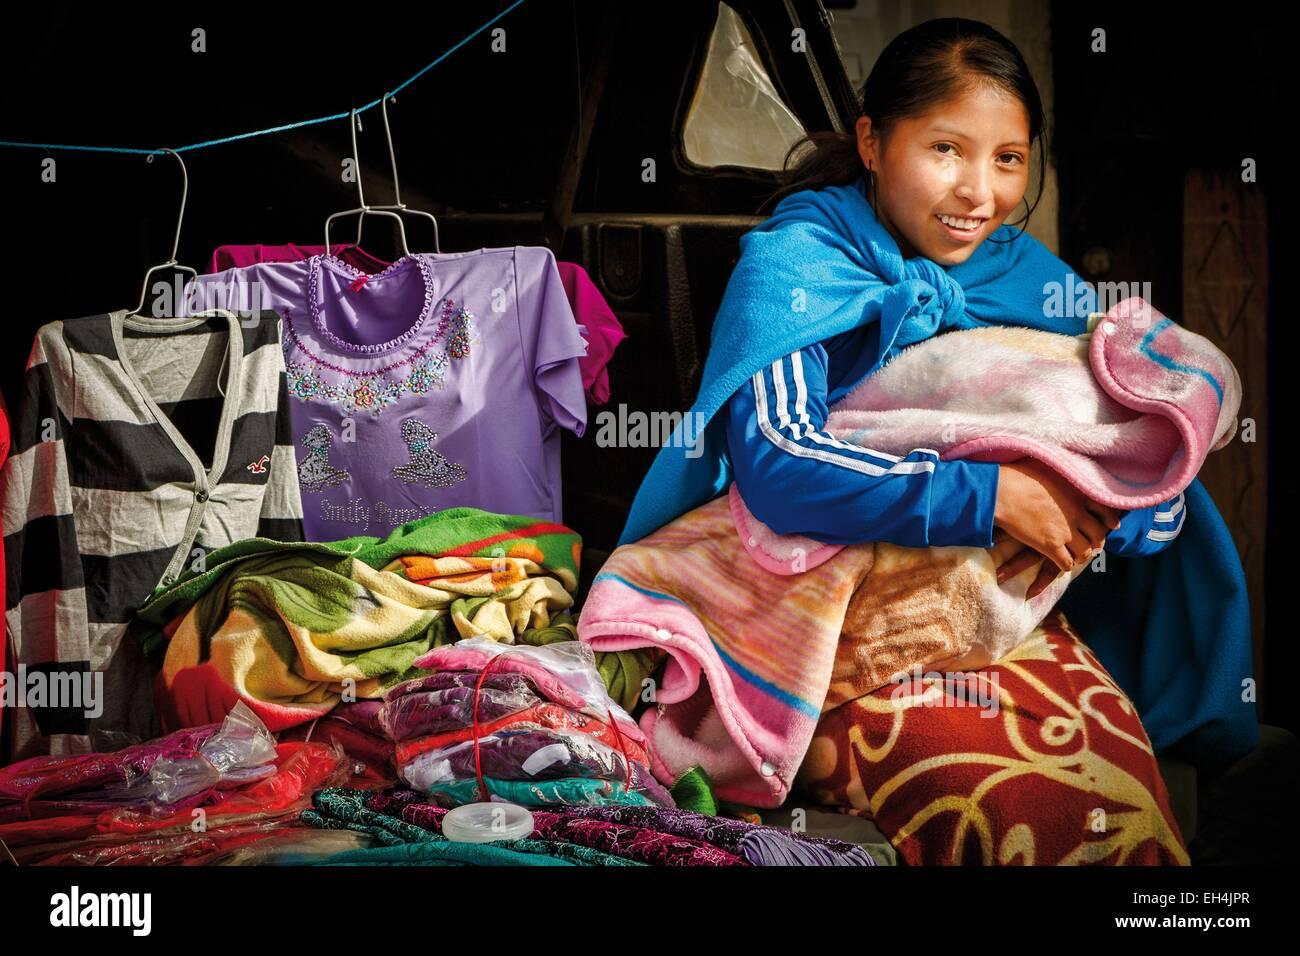 L'Équateur, Cotopaxi, Zumbahua, jour de marché au village de Zumbahua, portrait d'un paysan équatorien suckling Banque D'Images